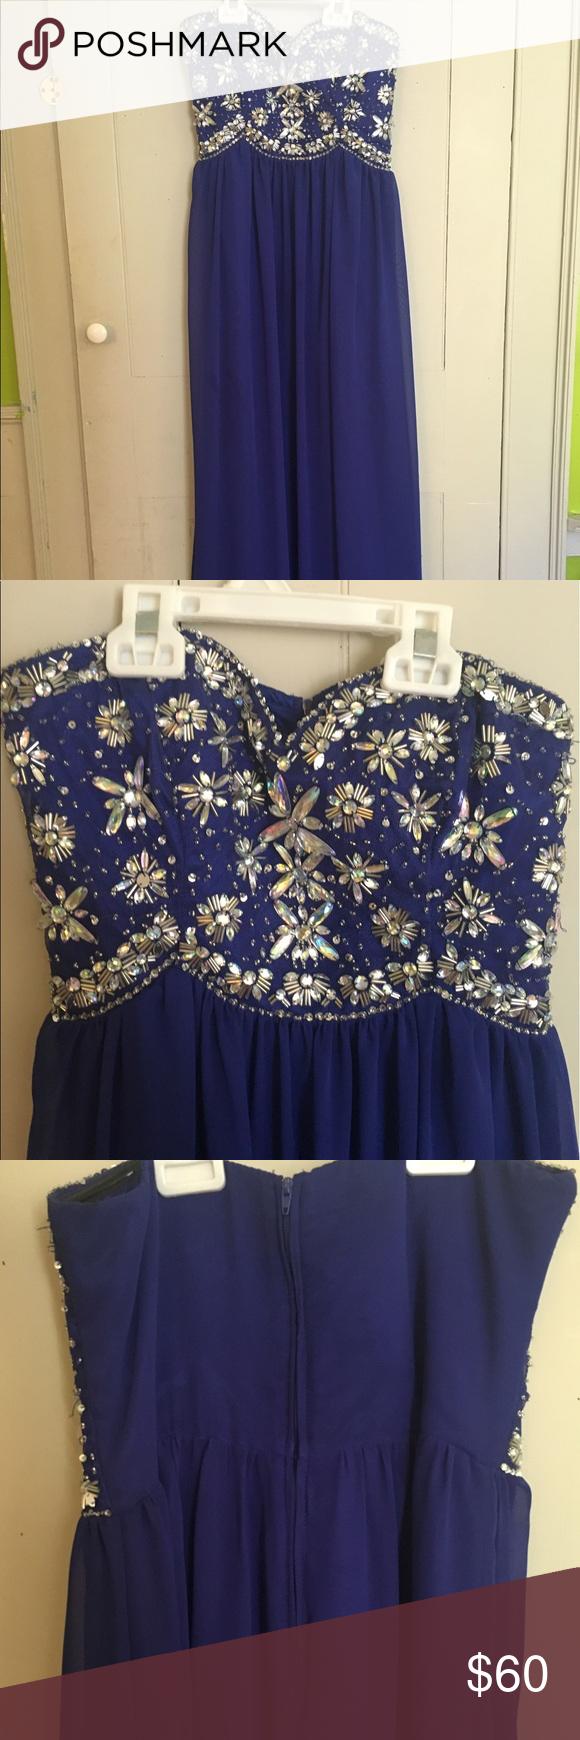 Blue prom dress blue long prom dress with jewel design bdarlin